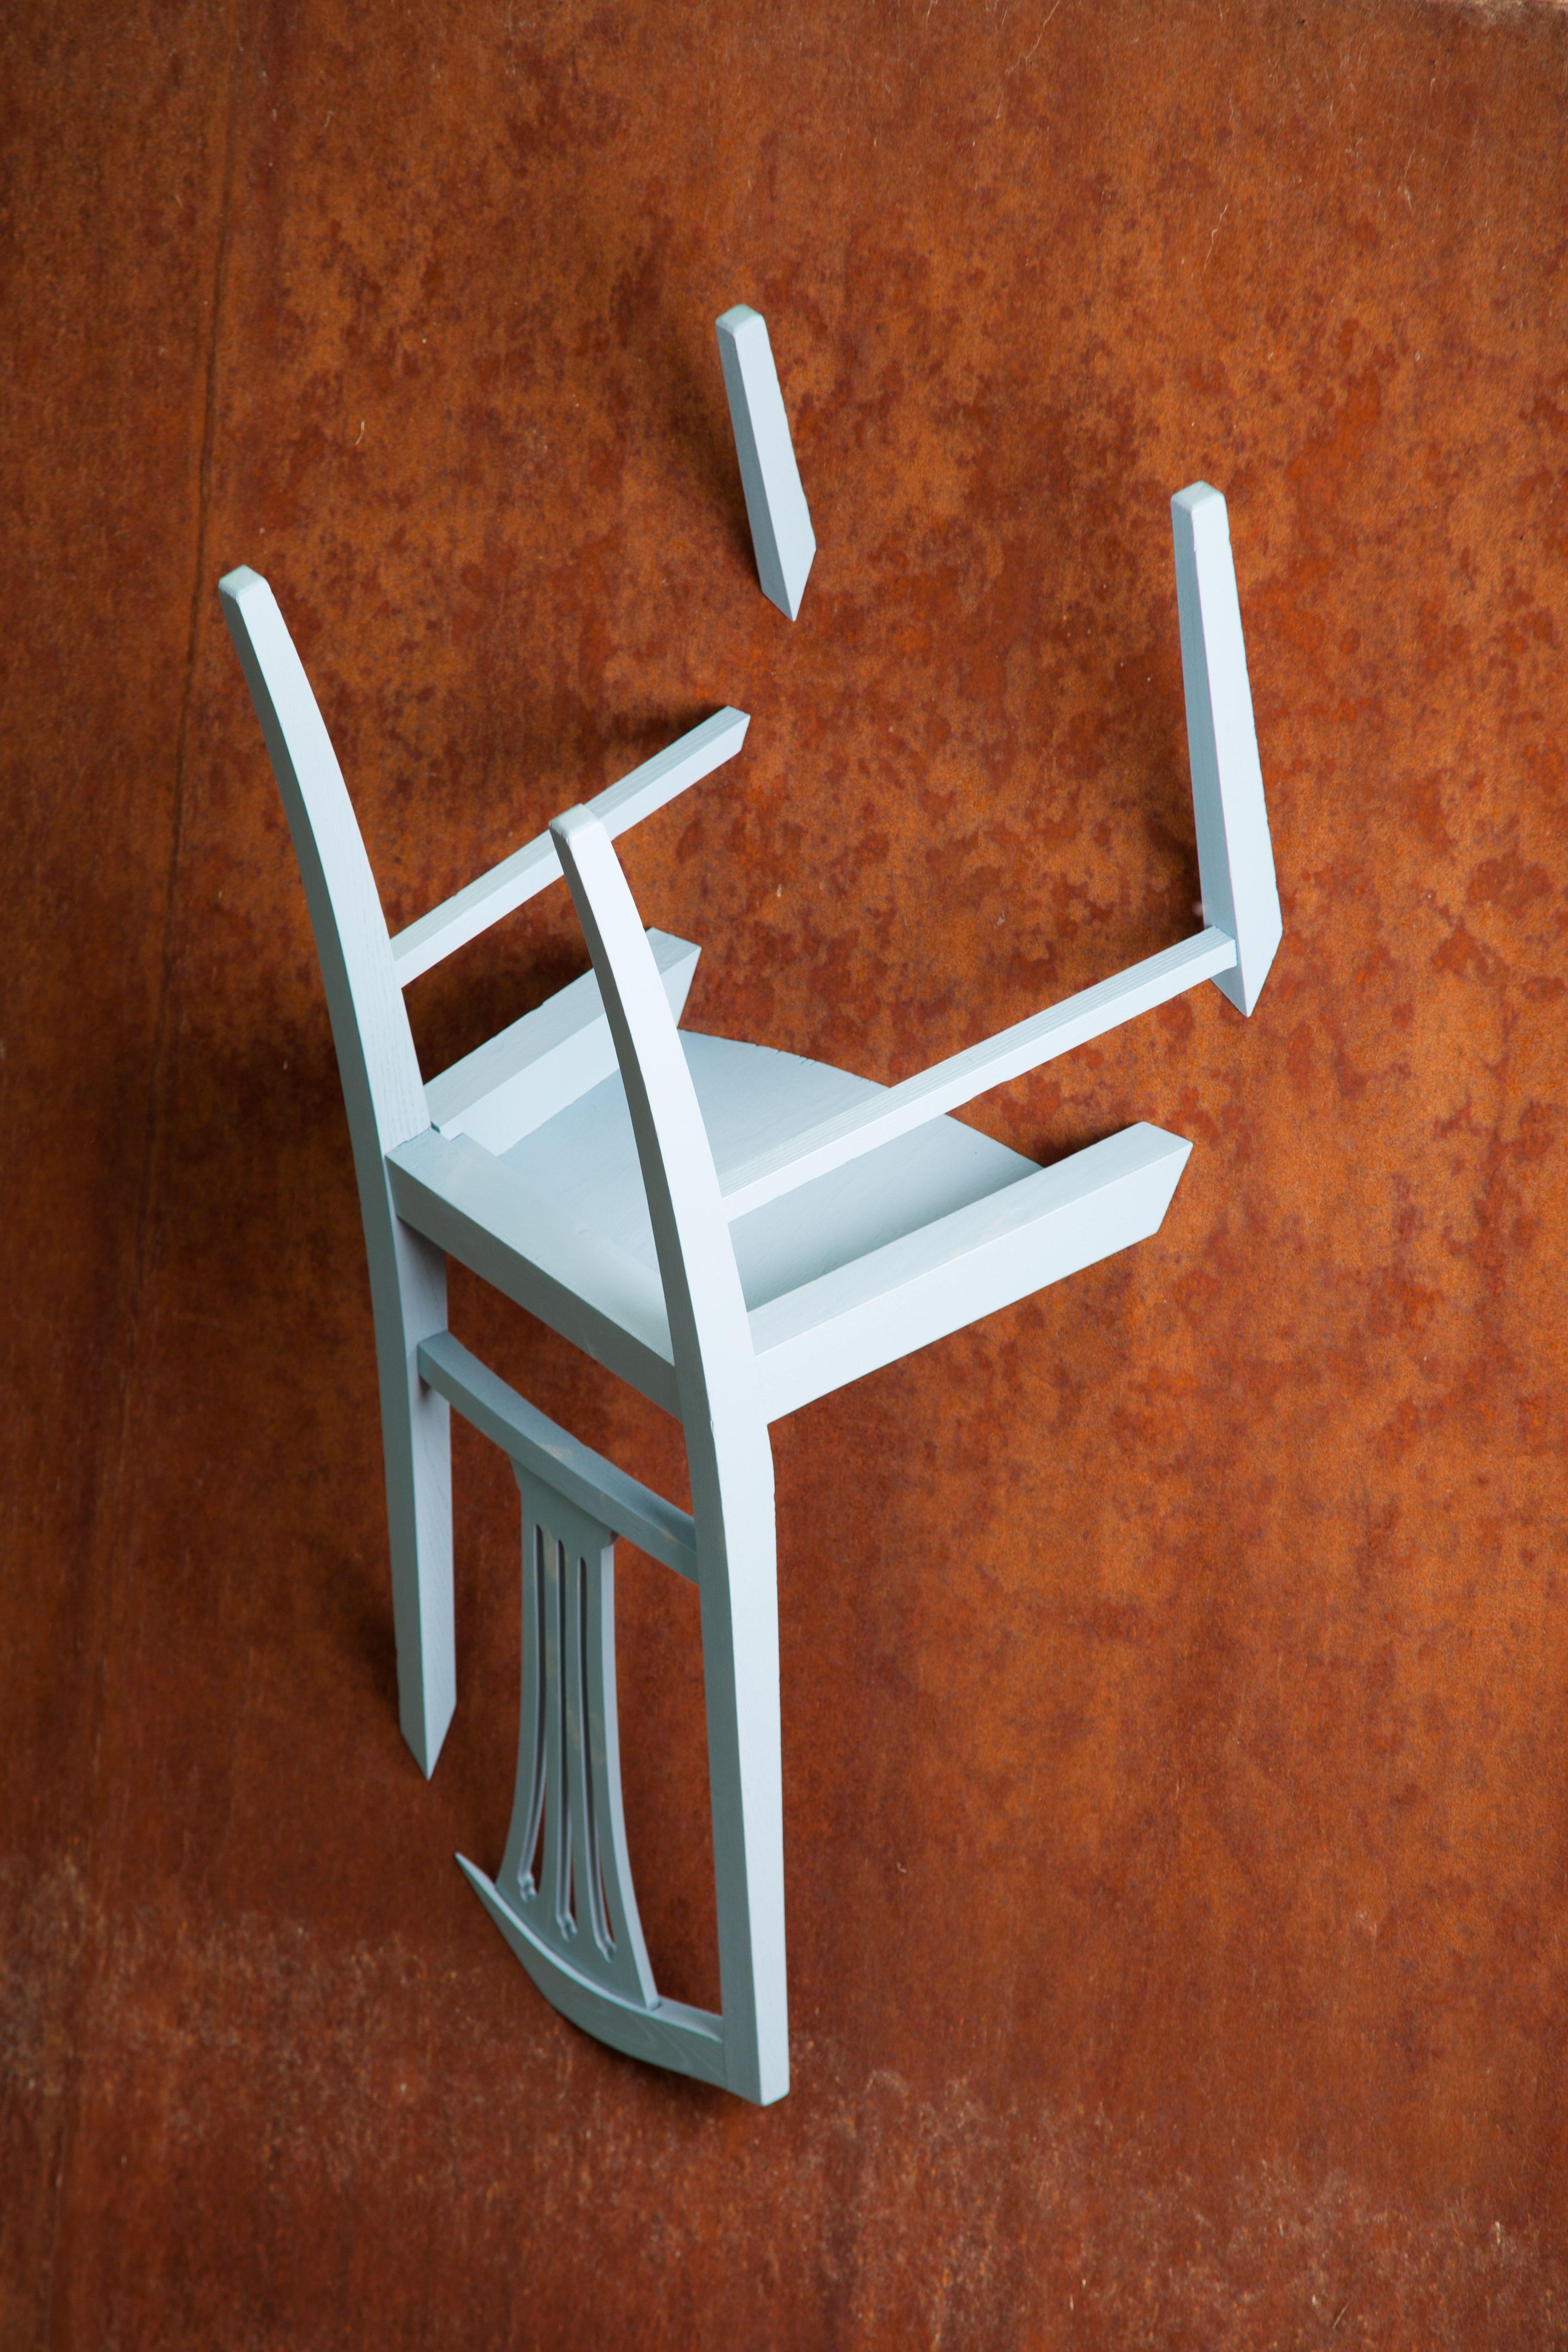 Nikos Tsoumanis Conceptual Interior Creations Vienna Austria Decorative Chair Used Chairs Chair